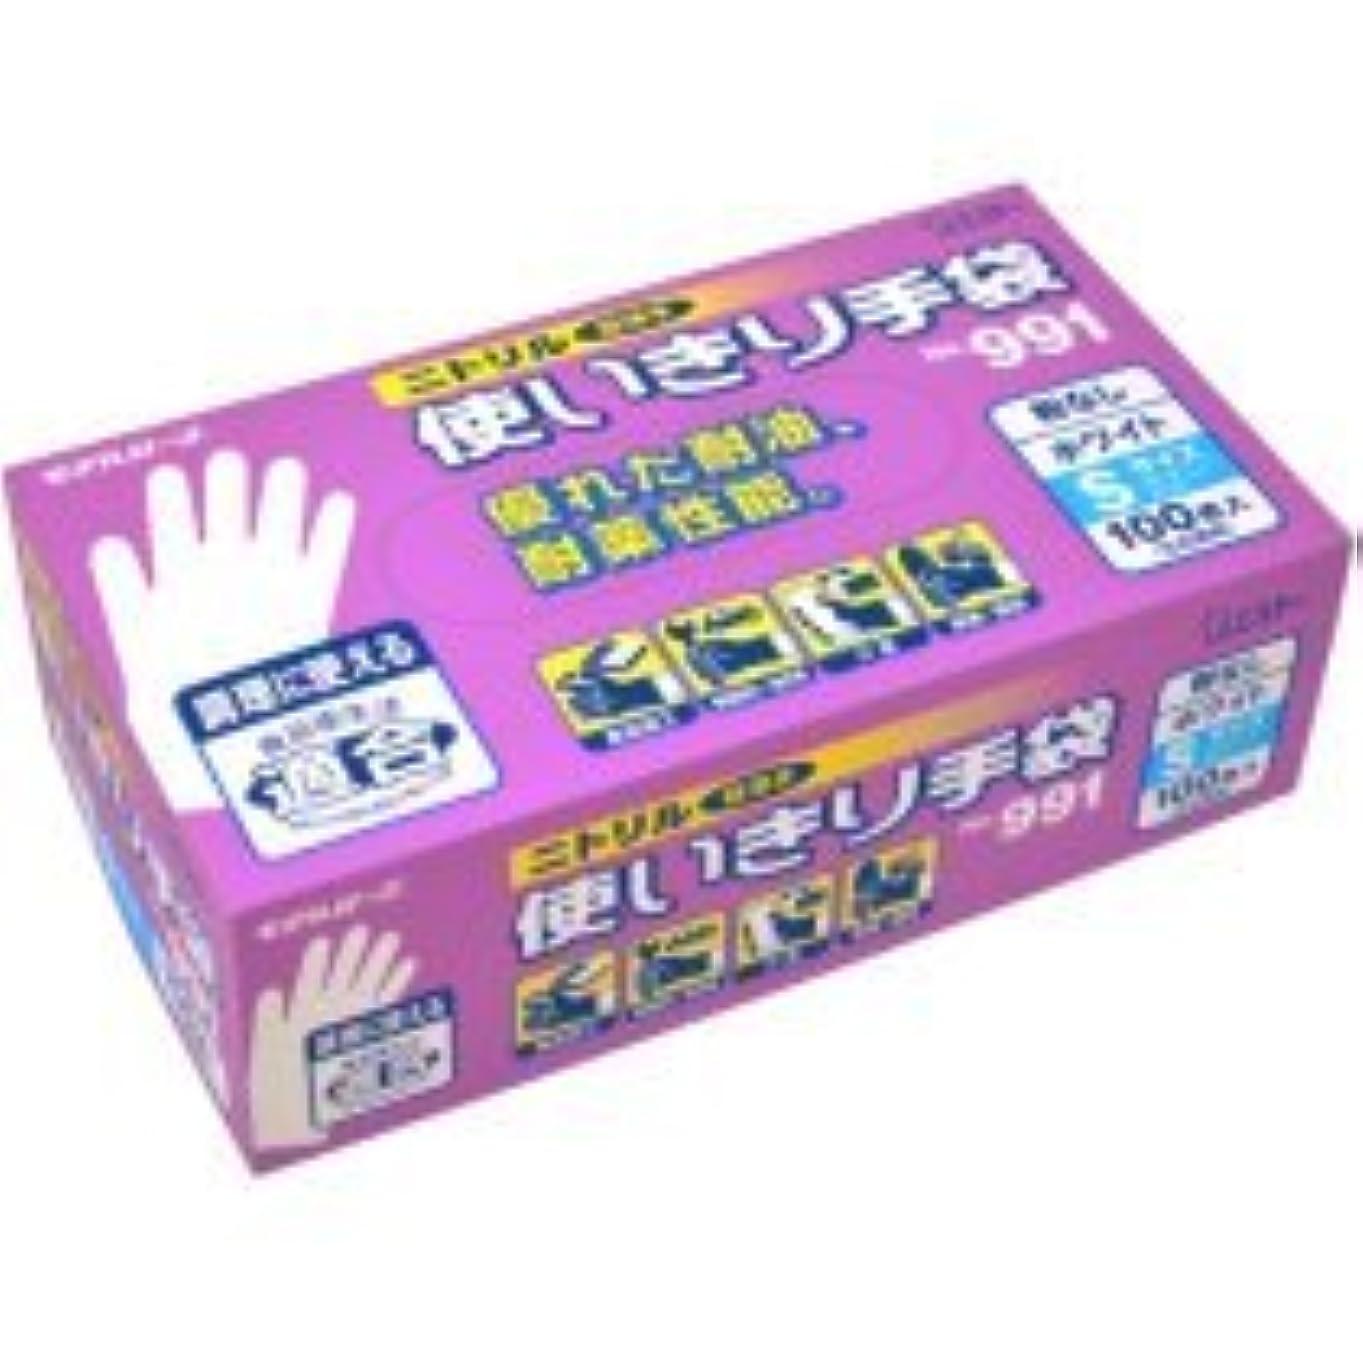 スケート水分著者エステー No.991 ニトリル使いきり手袋(粉なし) S ホワイト 1セット(300枚:100枚×3箱)